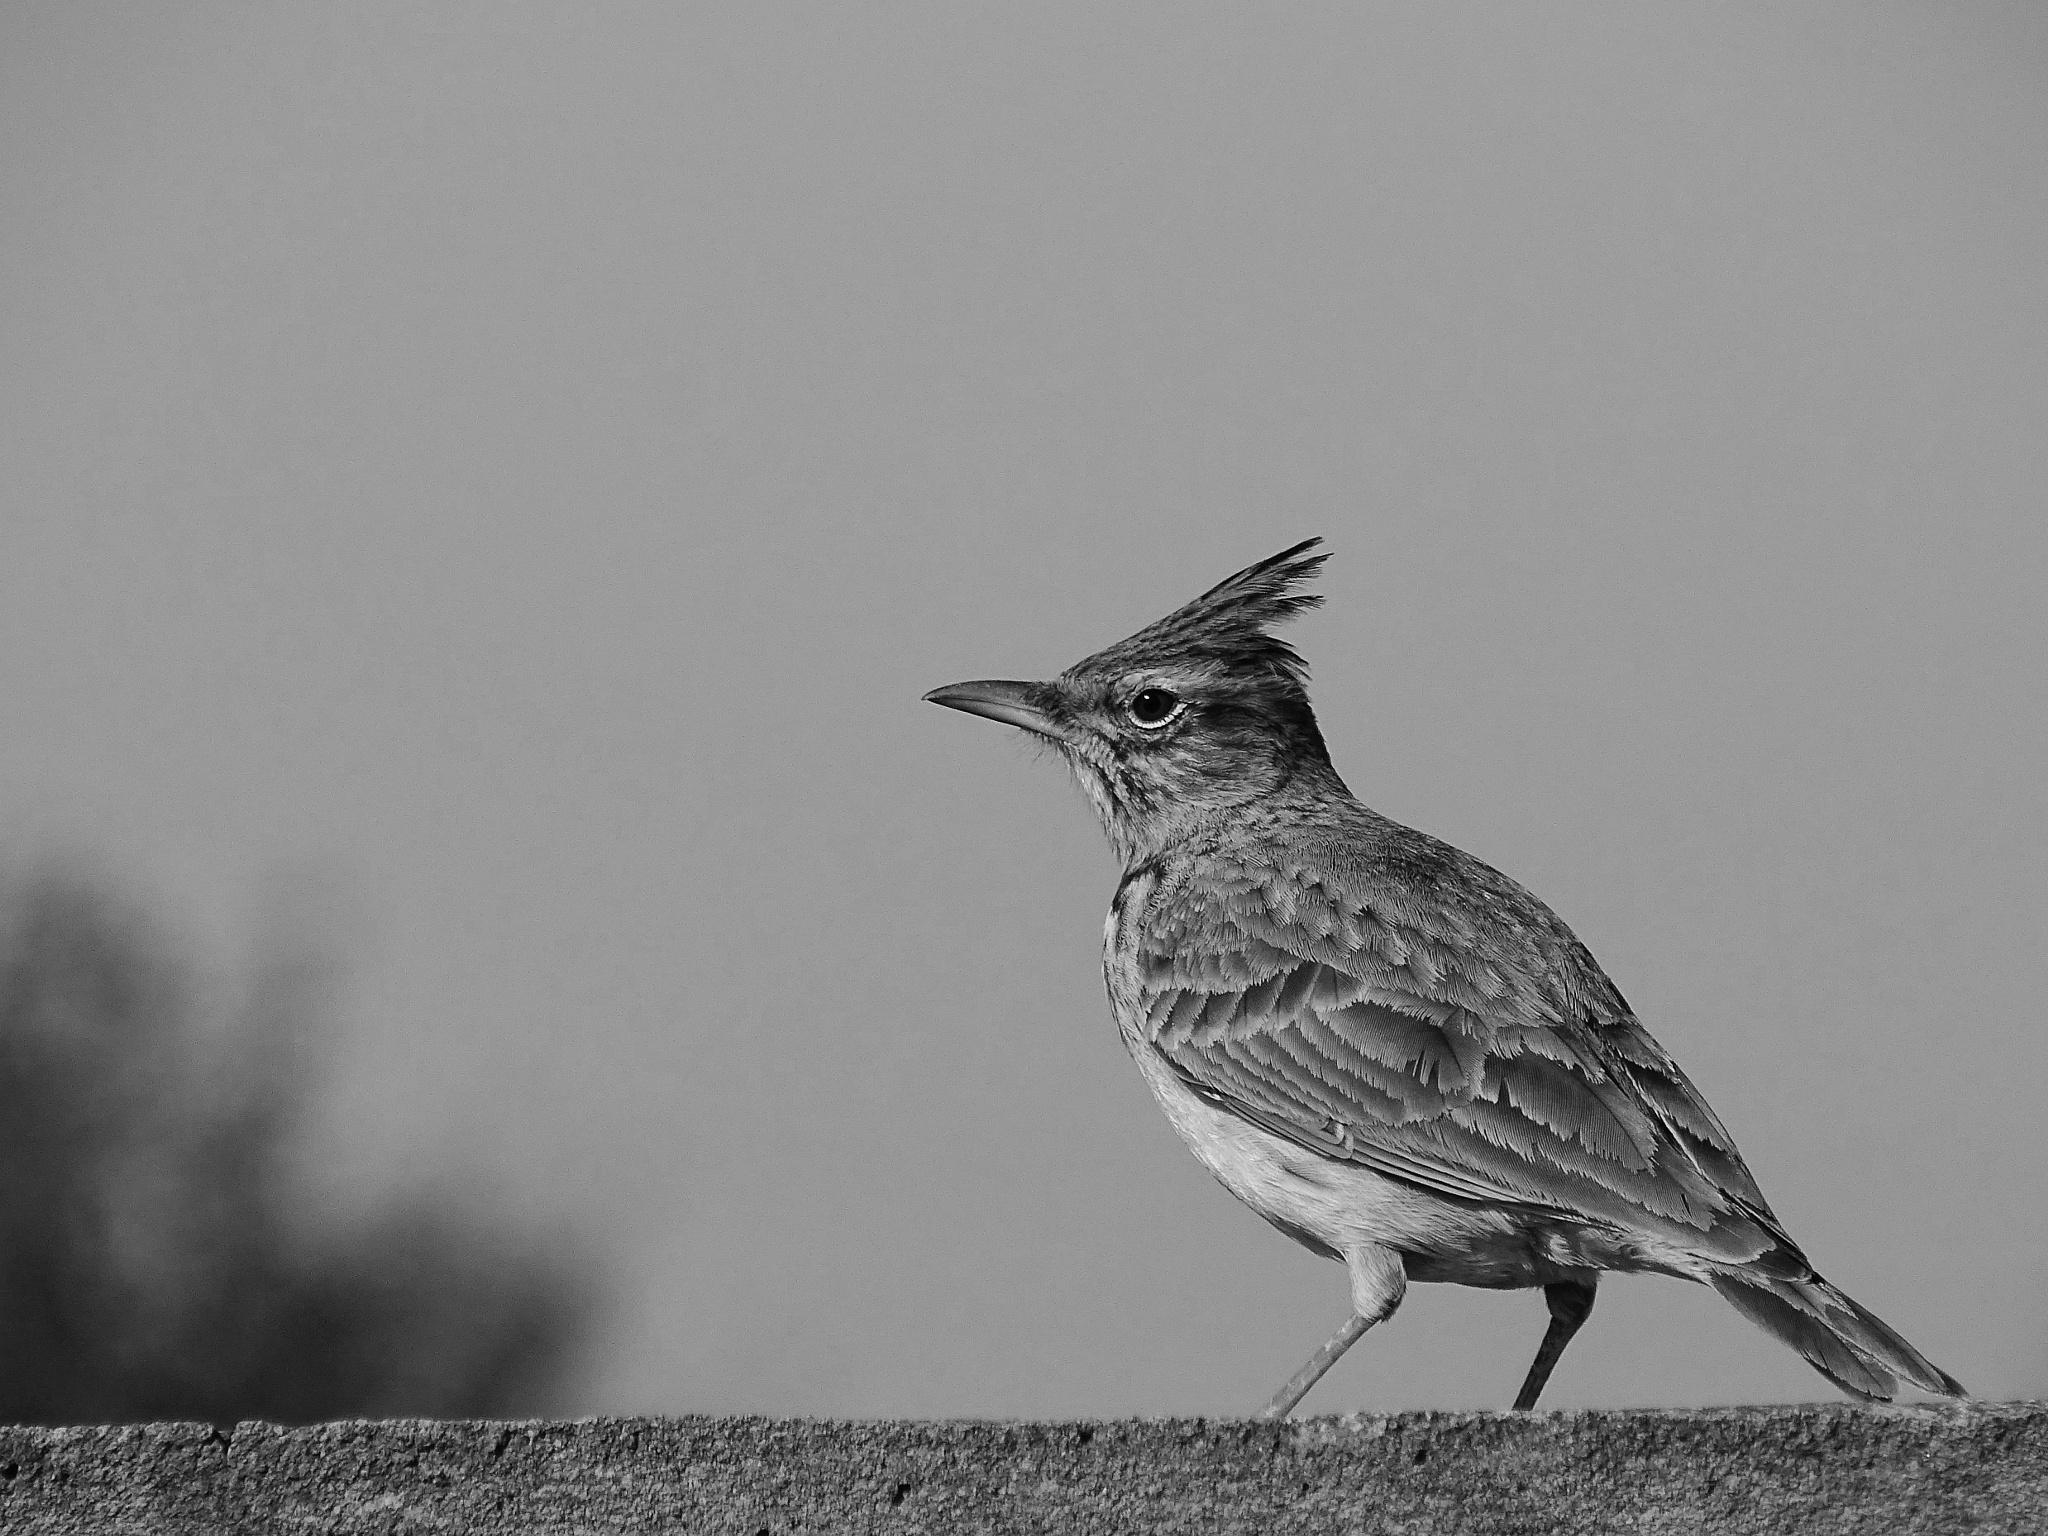 Bird by EL Greco